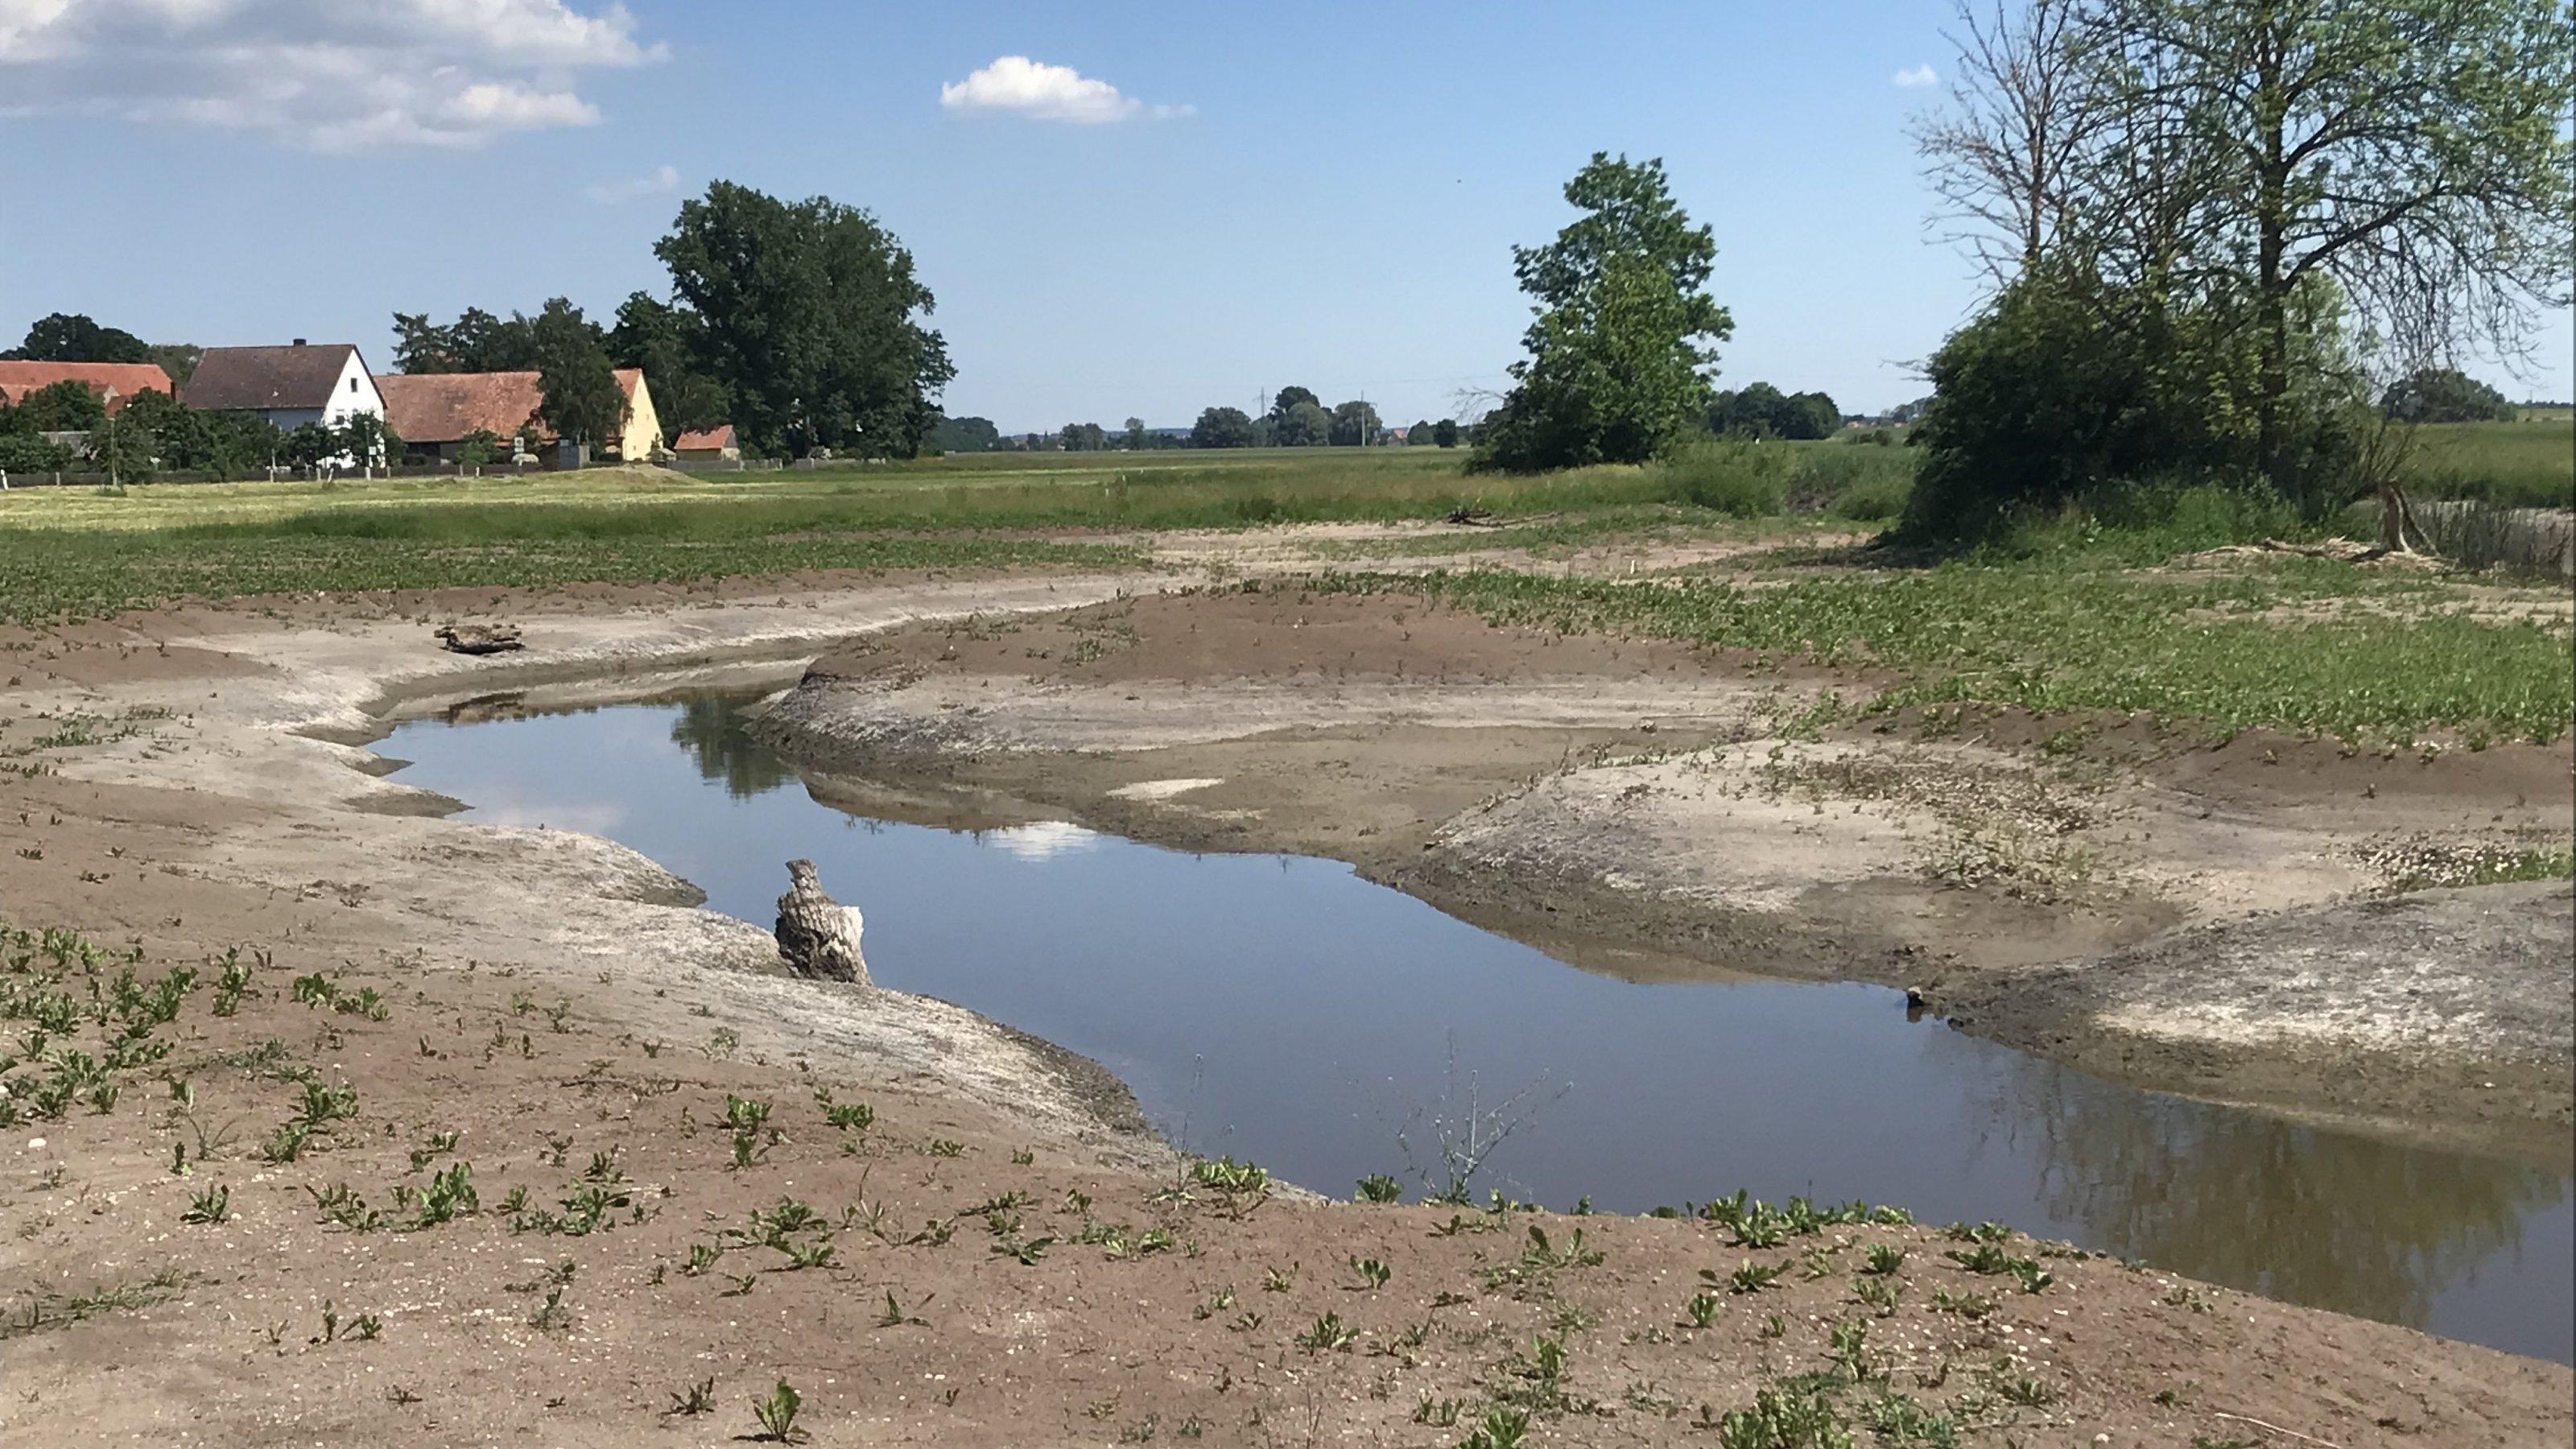 Der schmale Fluss mit abgeflachtem Ufer.